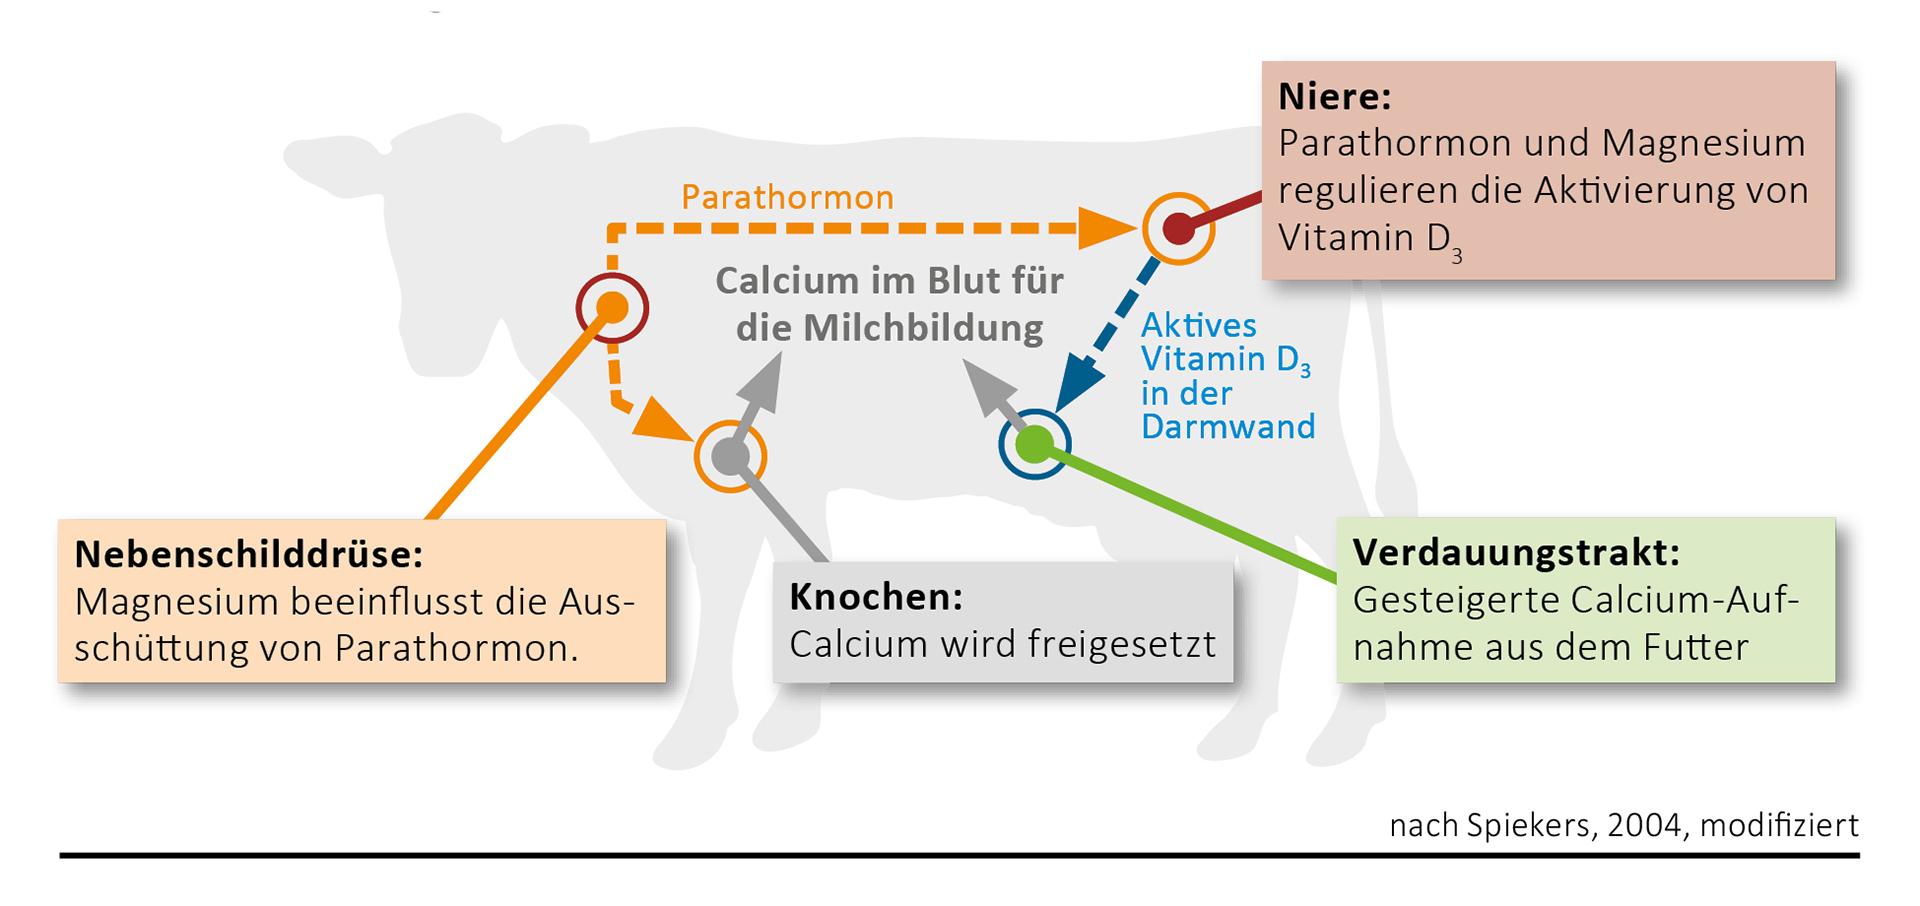 Magnesium - ein unterschätzter Baustein